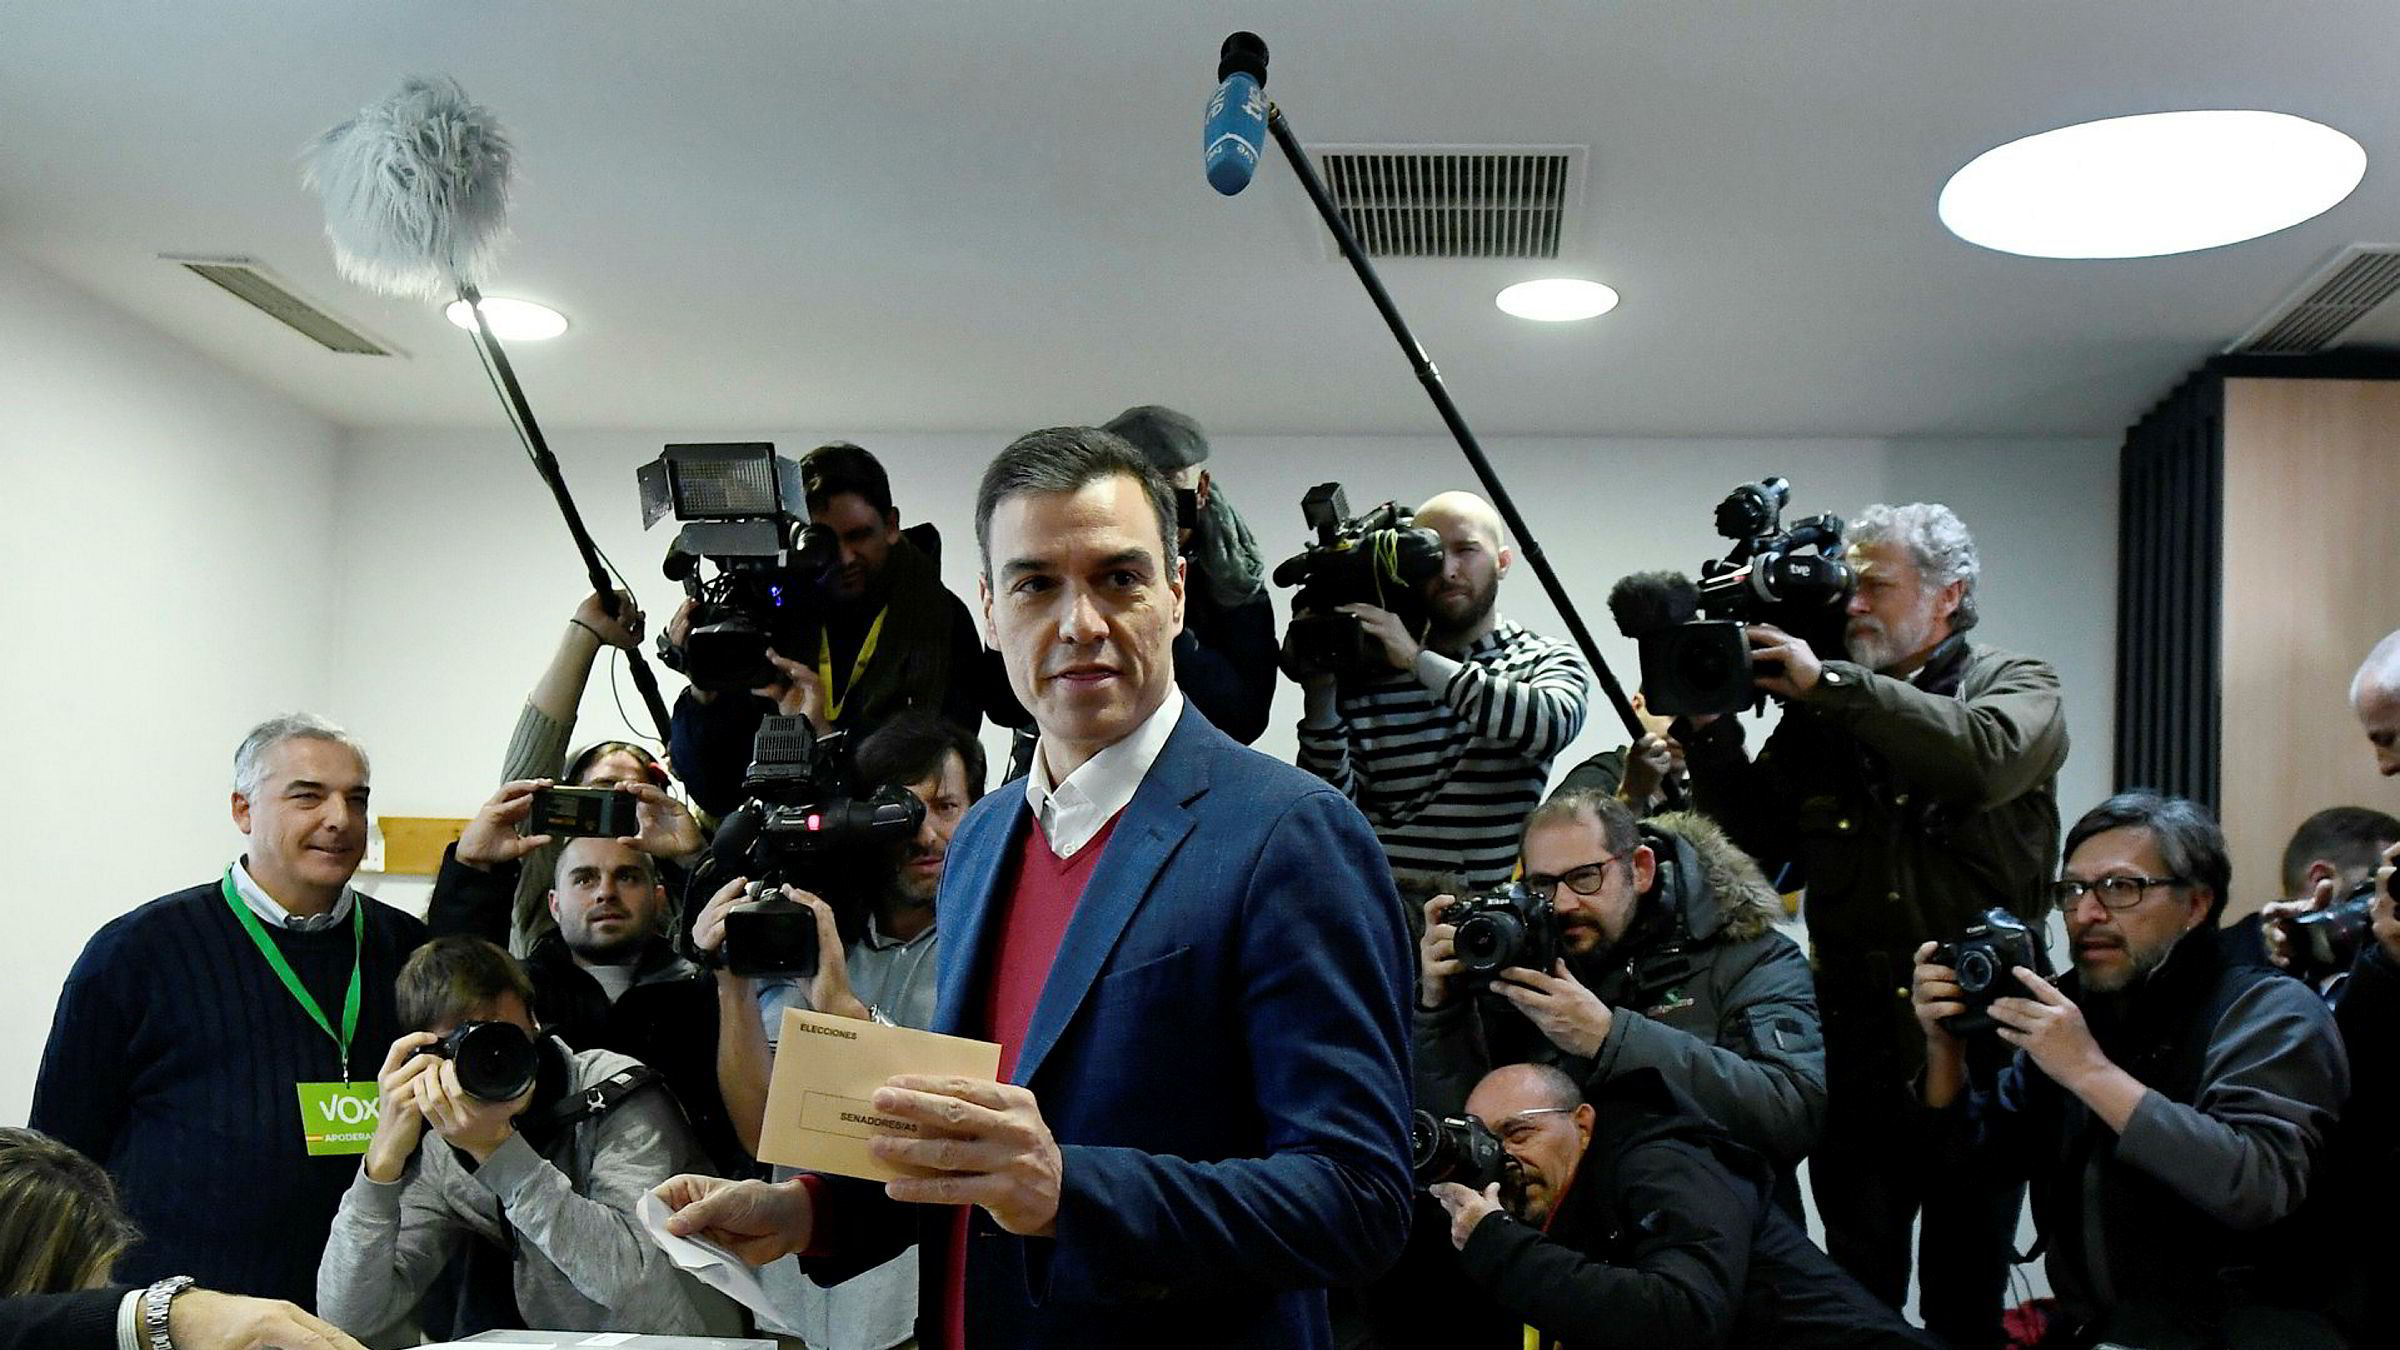 Sosialdemokraten Pedro Sánchez kan bli sittende som fungerende statsminister i en ny mindretallsregjering. Her stemmer han i Madrid tidlig søndag.